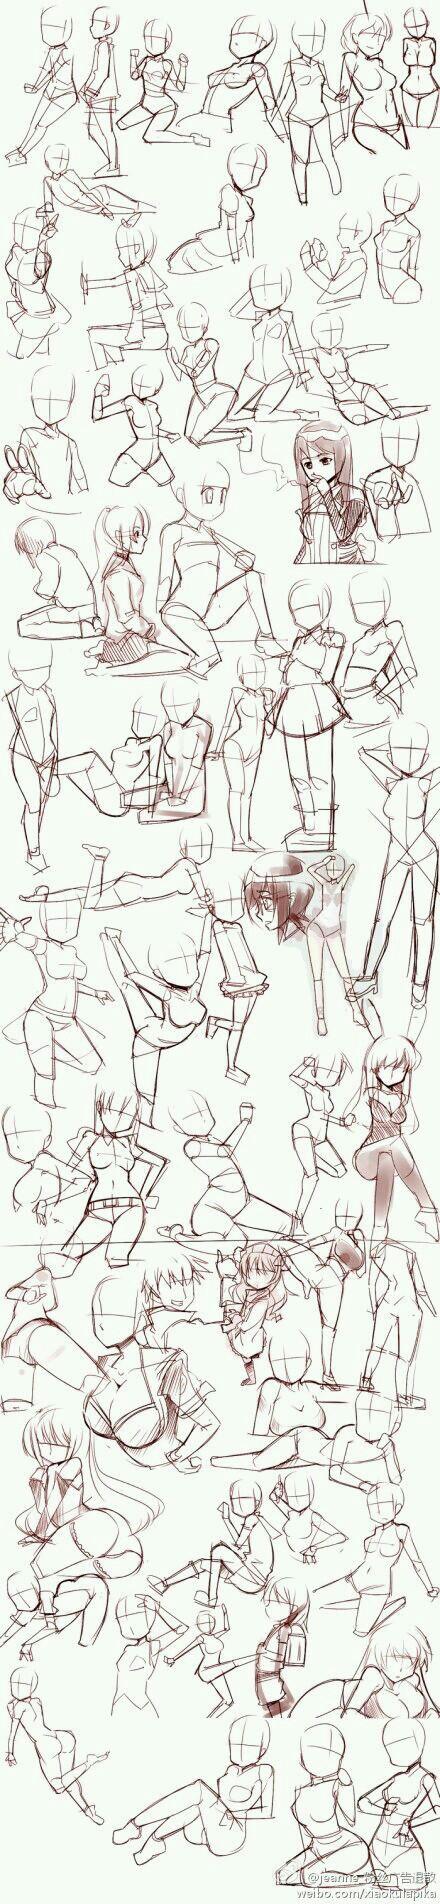 Pin de Shironeko en How to draw manga | Pinterest